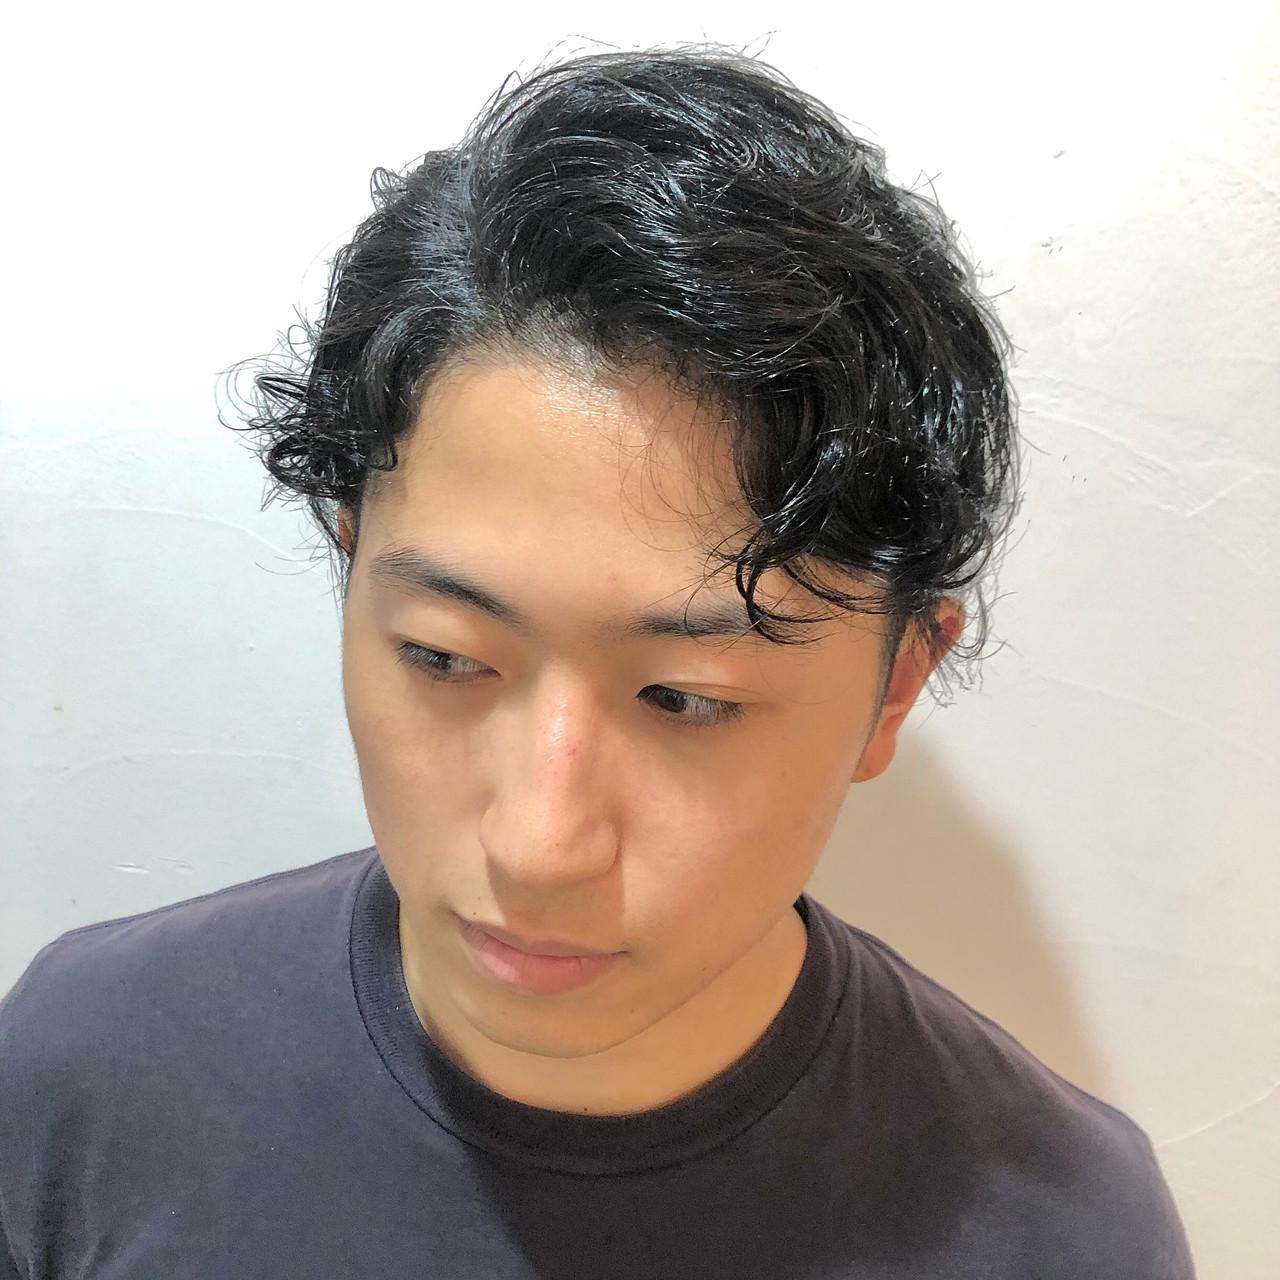 クセ ナチュラル メンズカット 刈り上げ ヘアスタイルや髪型の写真・画像